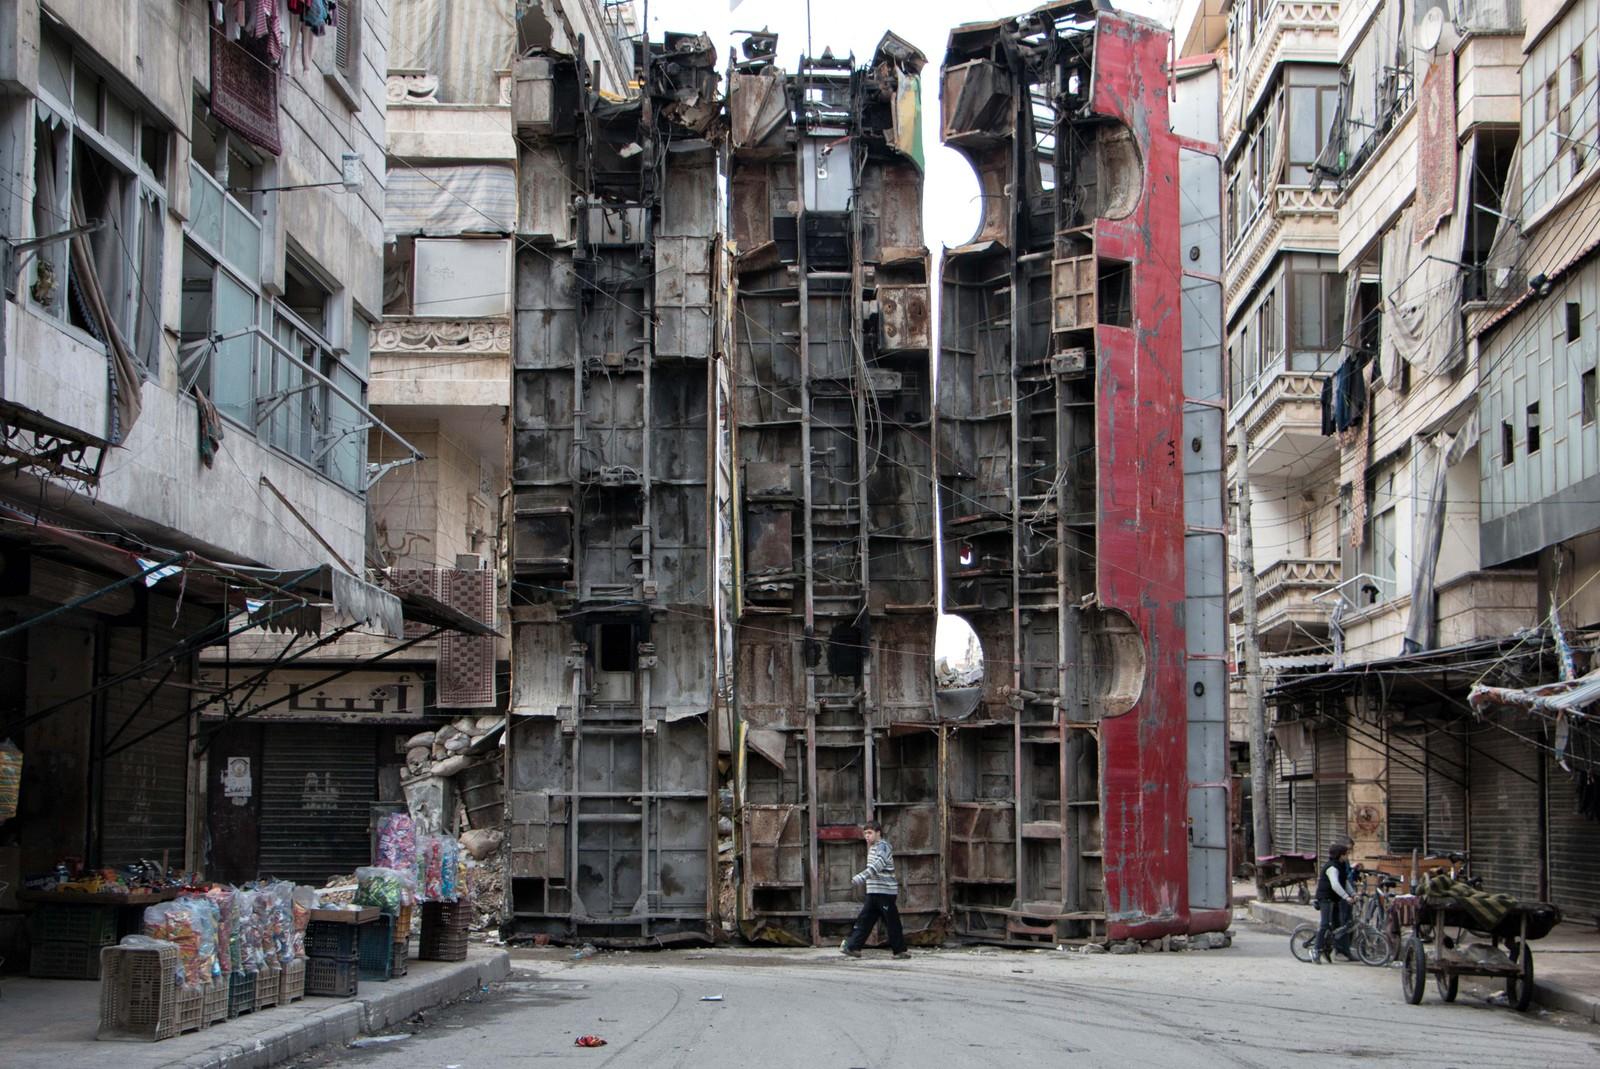 Tre busser plassert på høykant ble brukt som en barrikade i den syriske byen Aleppo i mars. Syrias mest folkerike by er hardt rammet av krigen i landet.